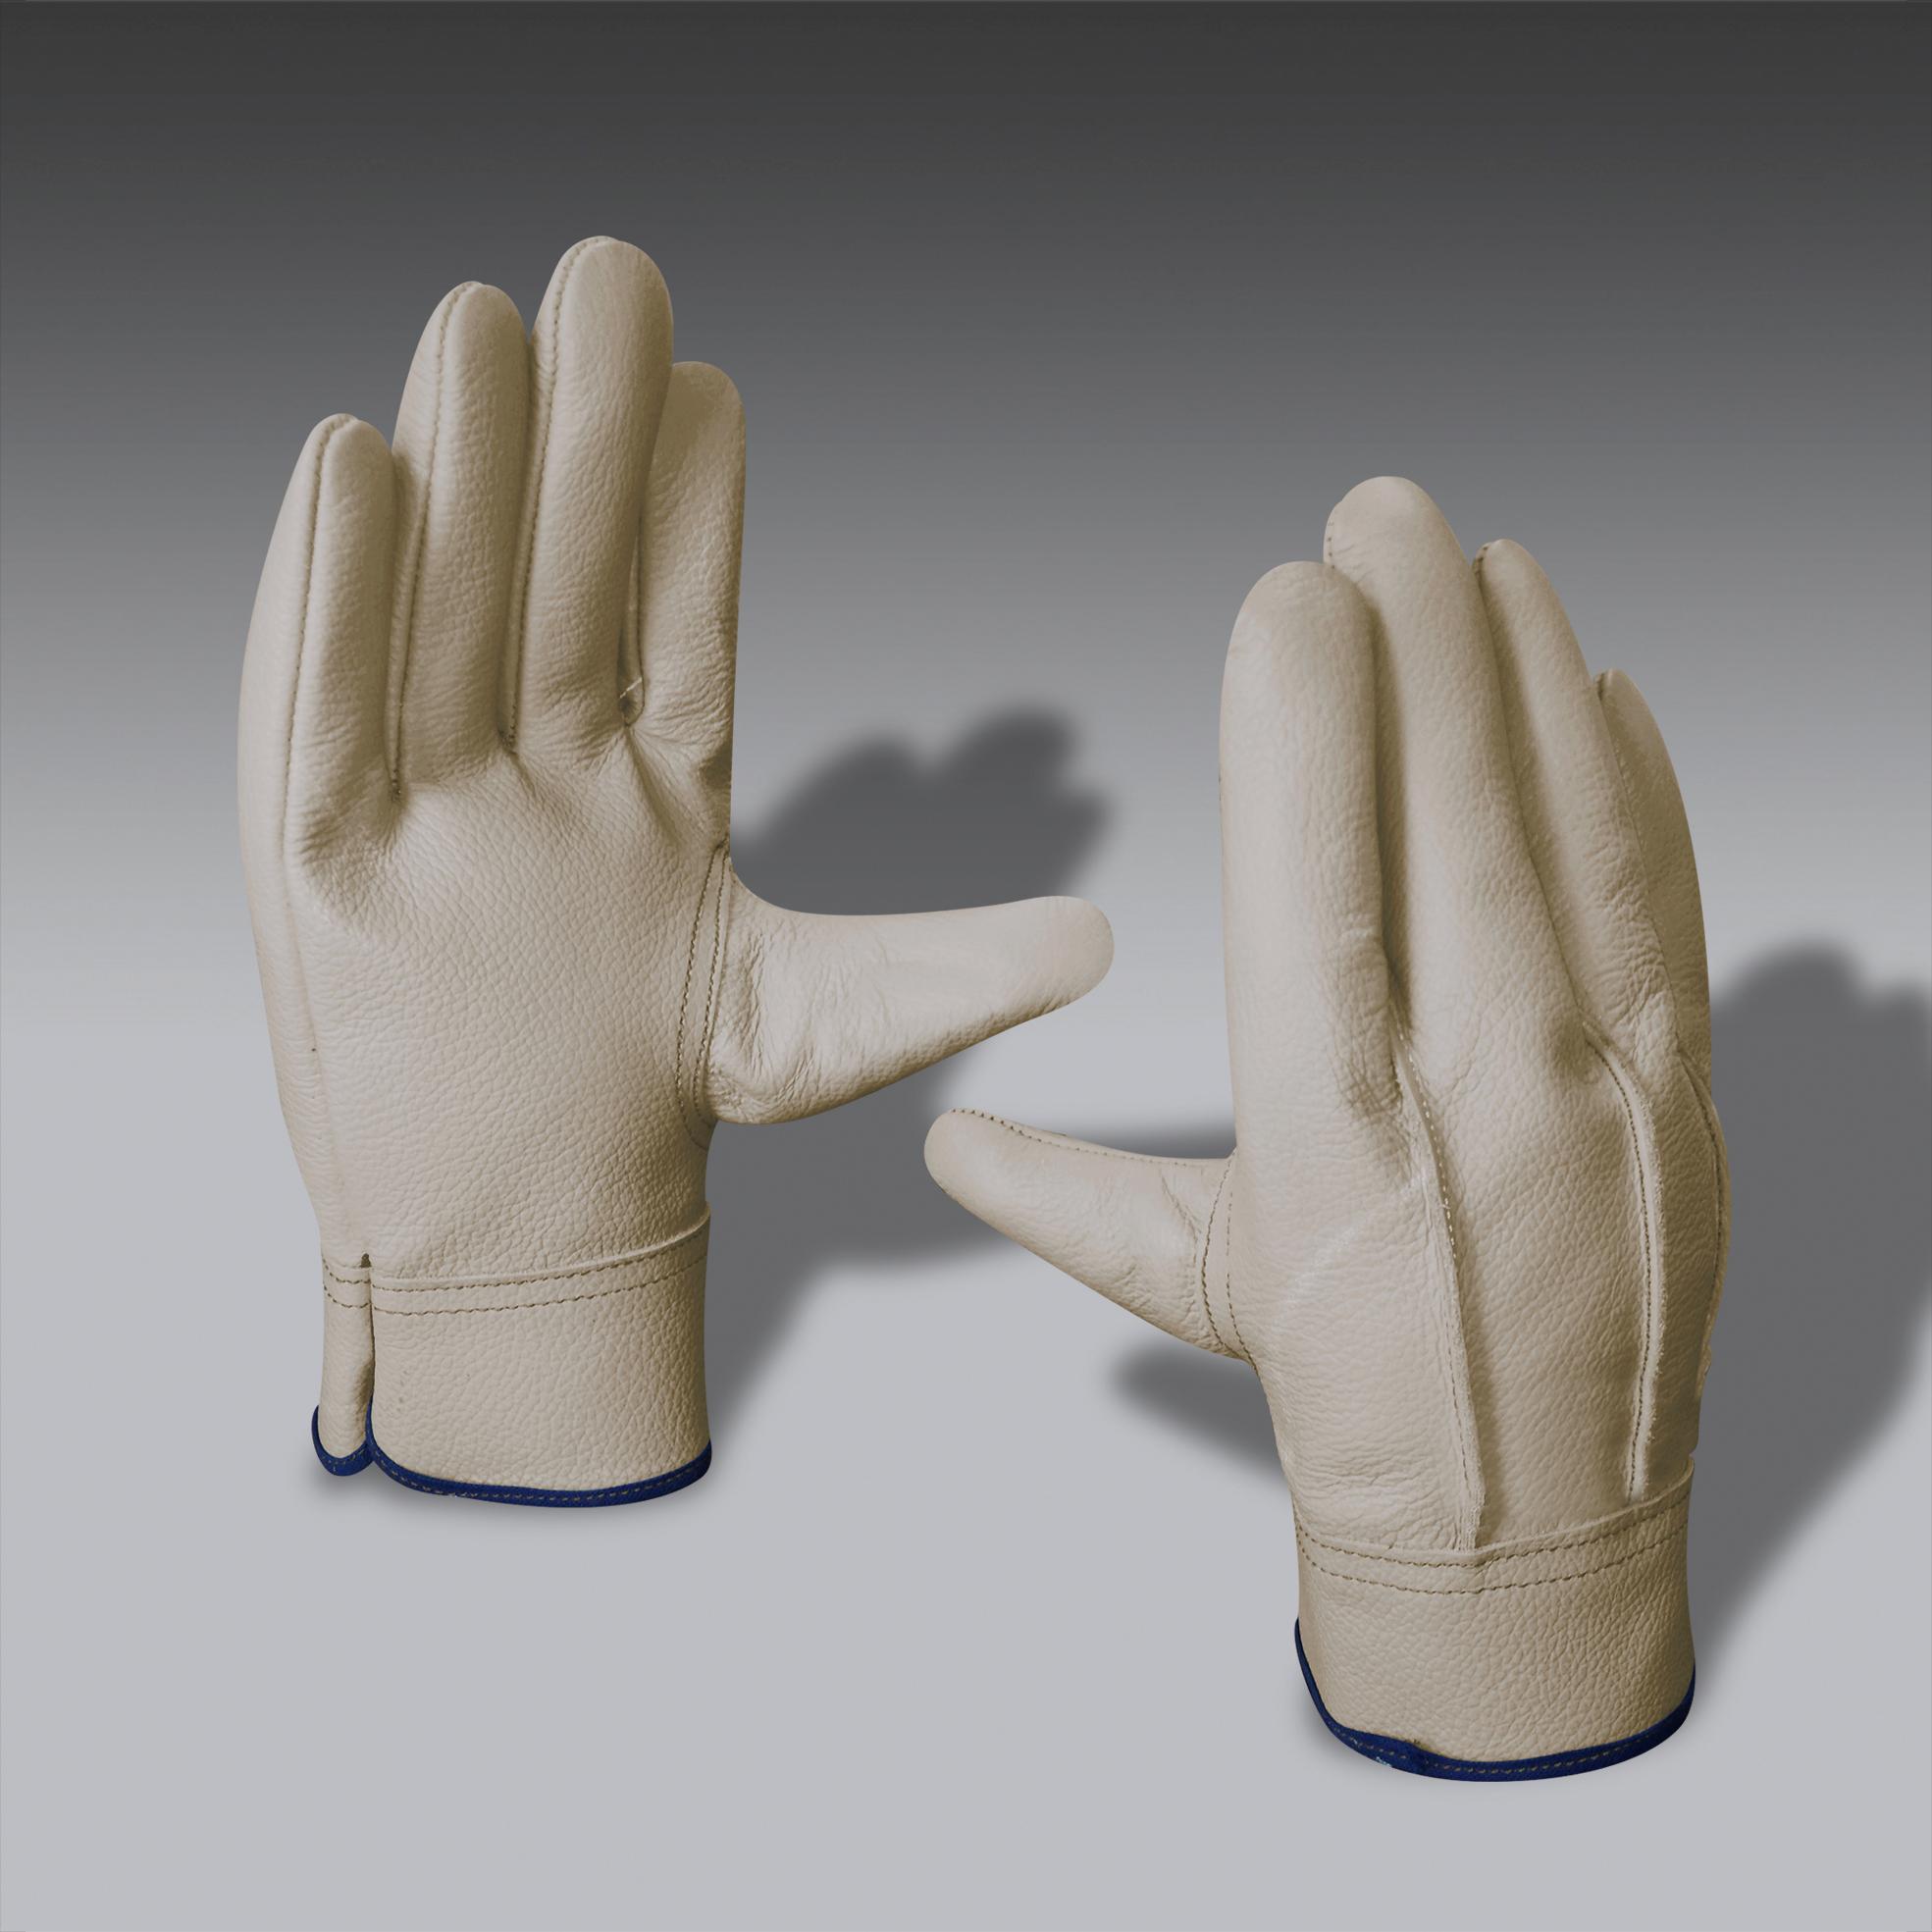 guantes para la seguridad industrial modelo ElecEco 02 guantes de seguridad industrial modelo ElecEco 02